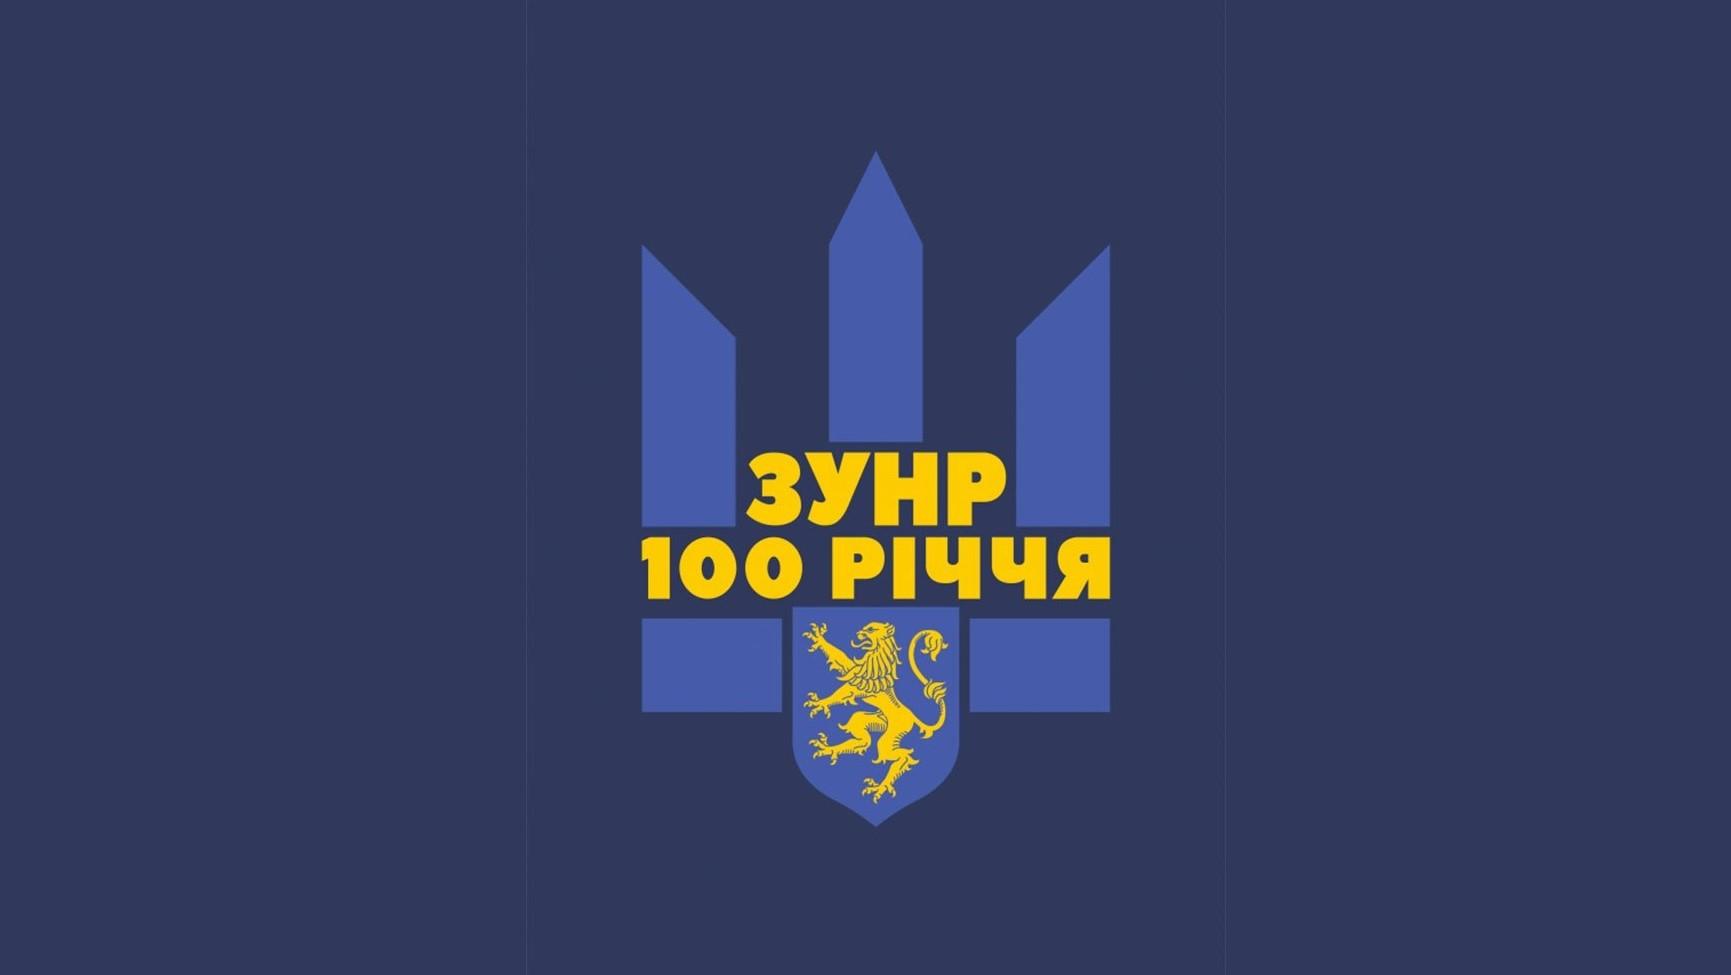 У Дрогобичі відзначають 100-річчя створення ЗУНР: Програма заходів